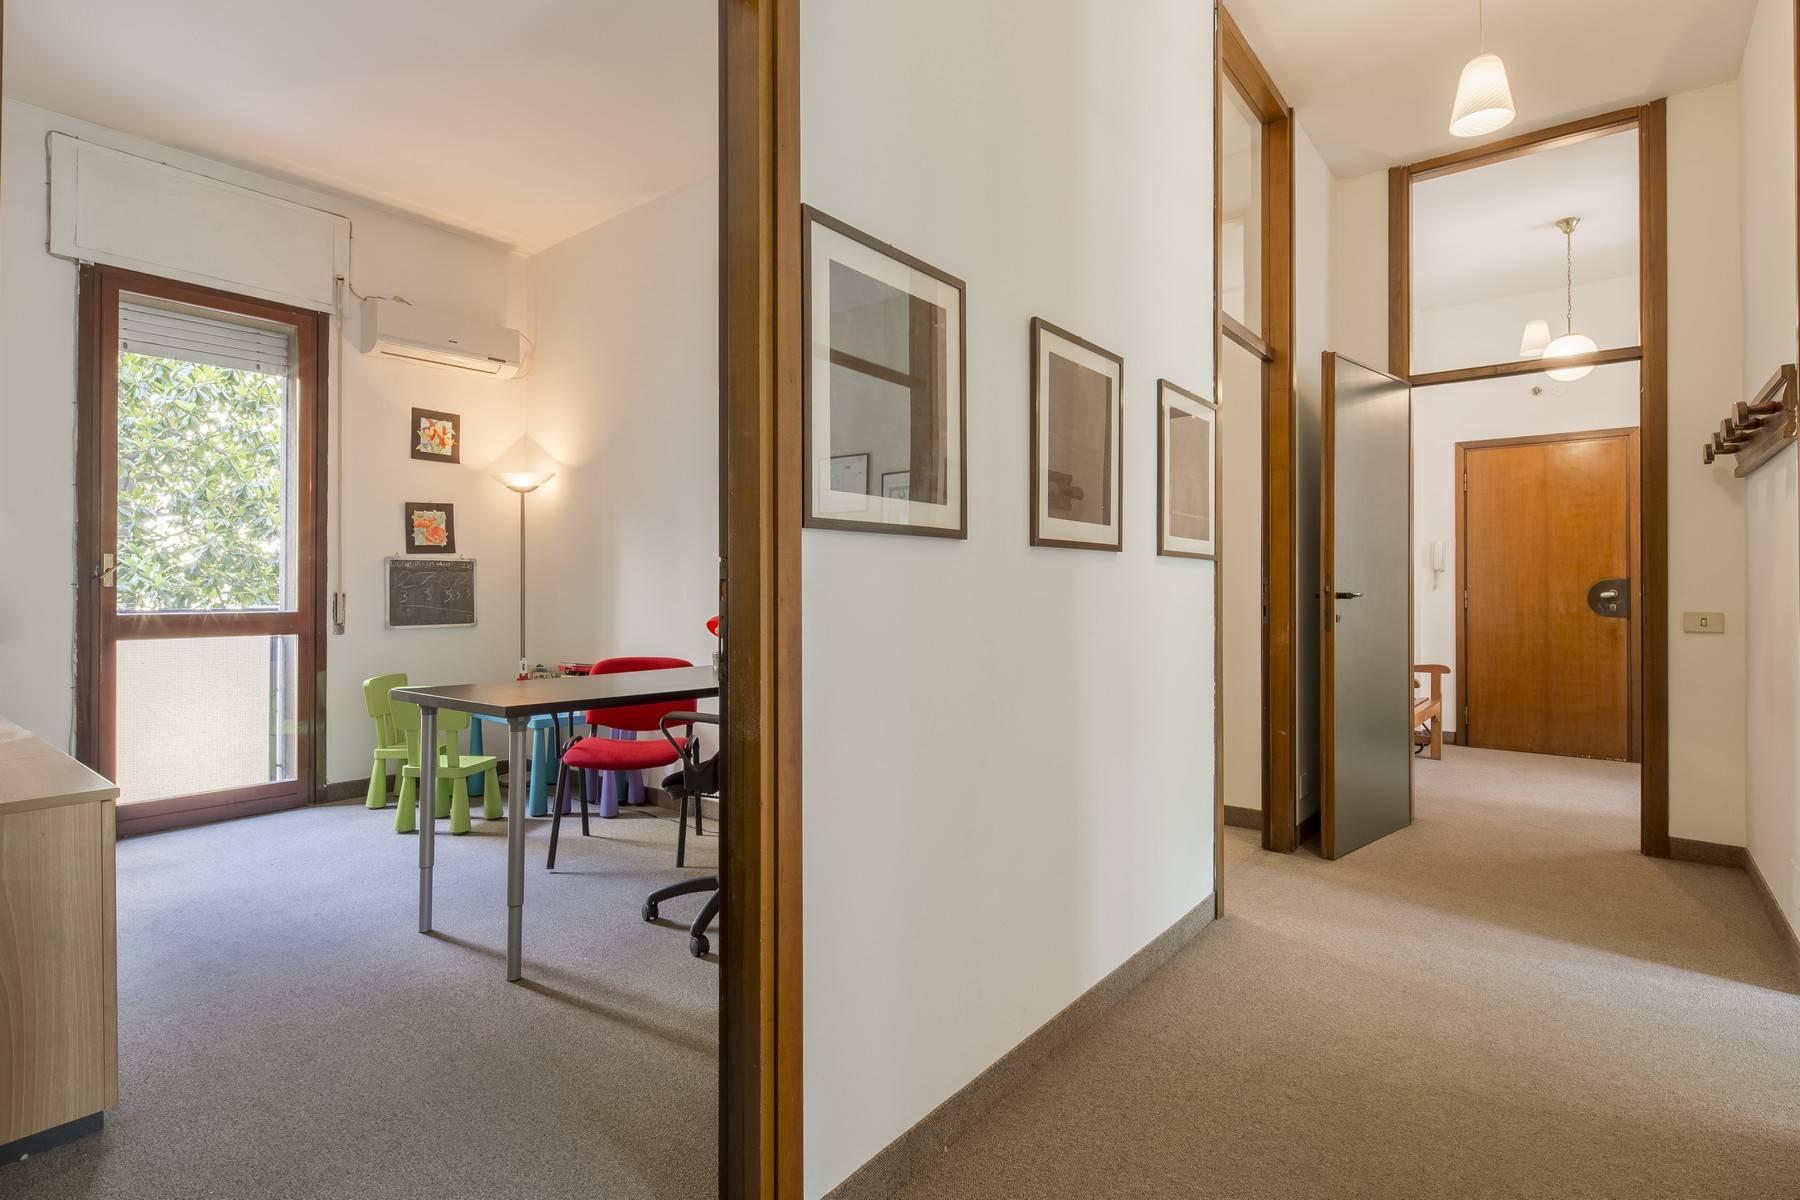 Appartamento in Vendita a Milano: 4 locali, 120 mq - Foto 10